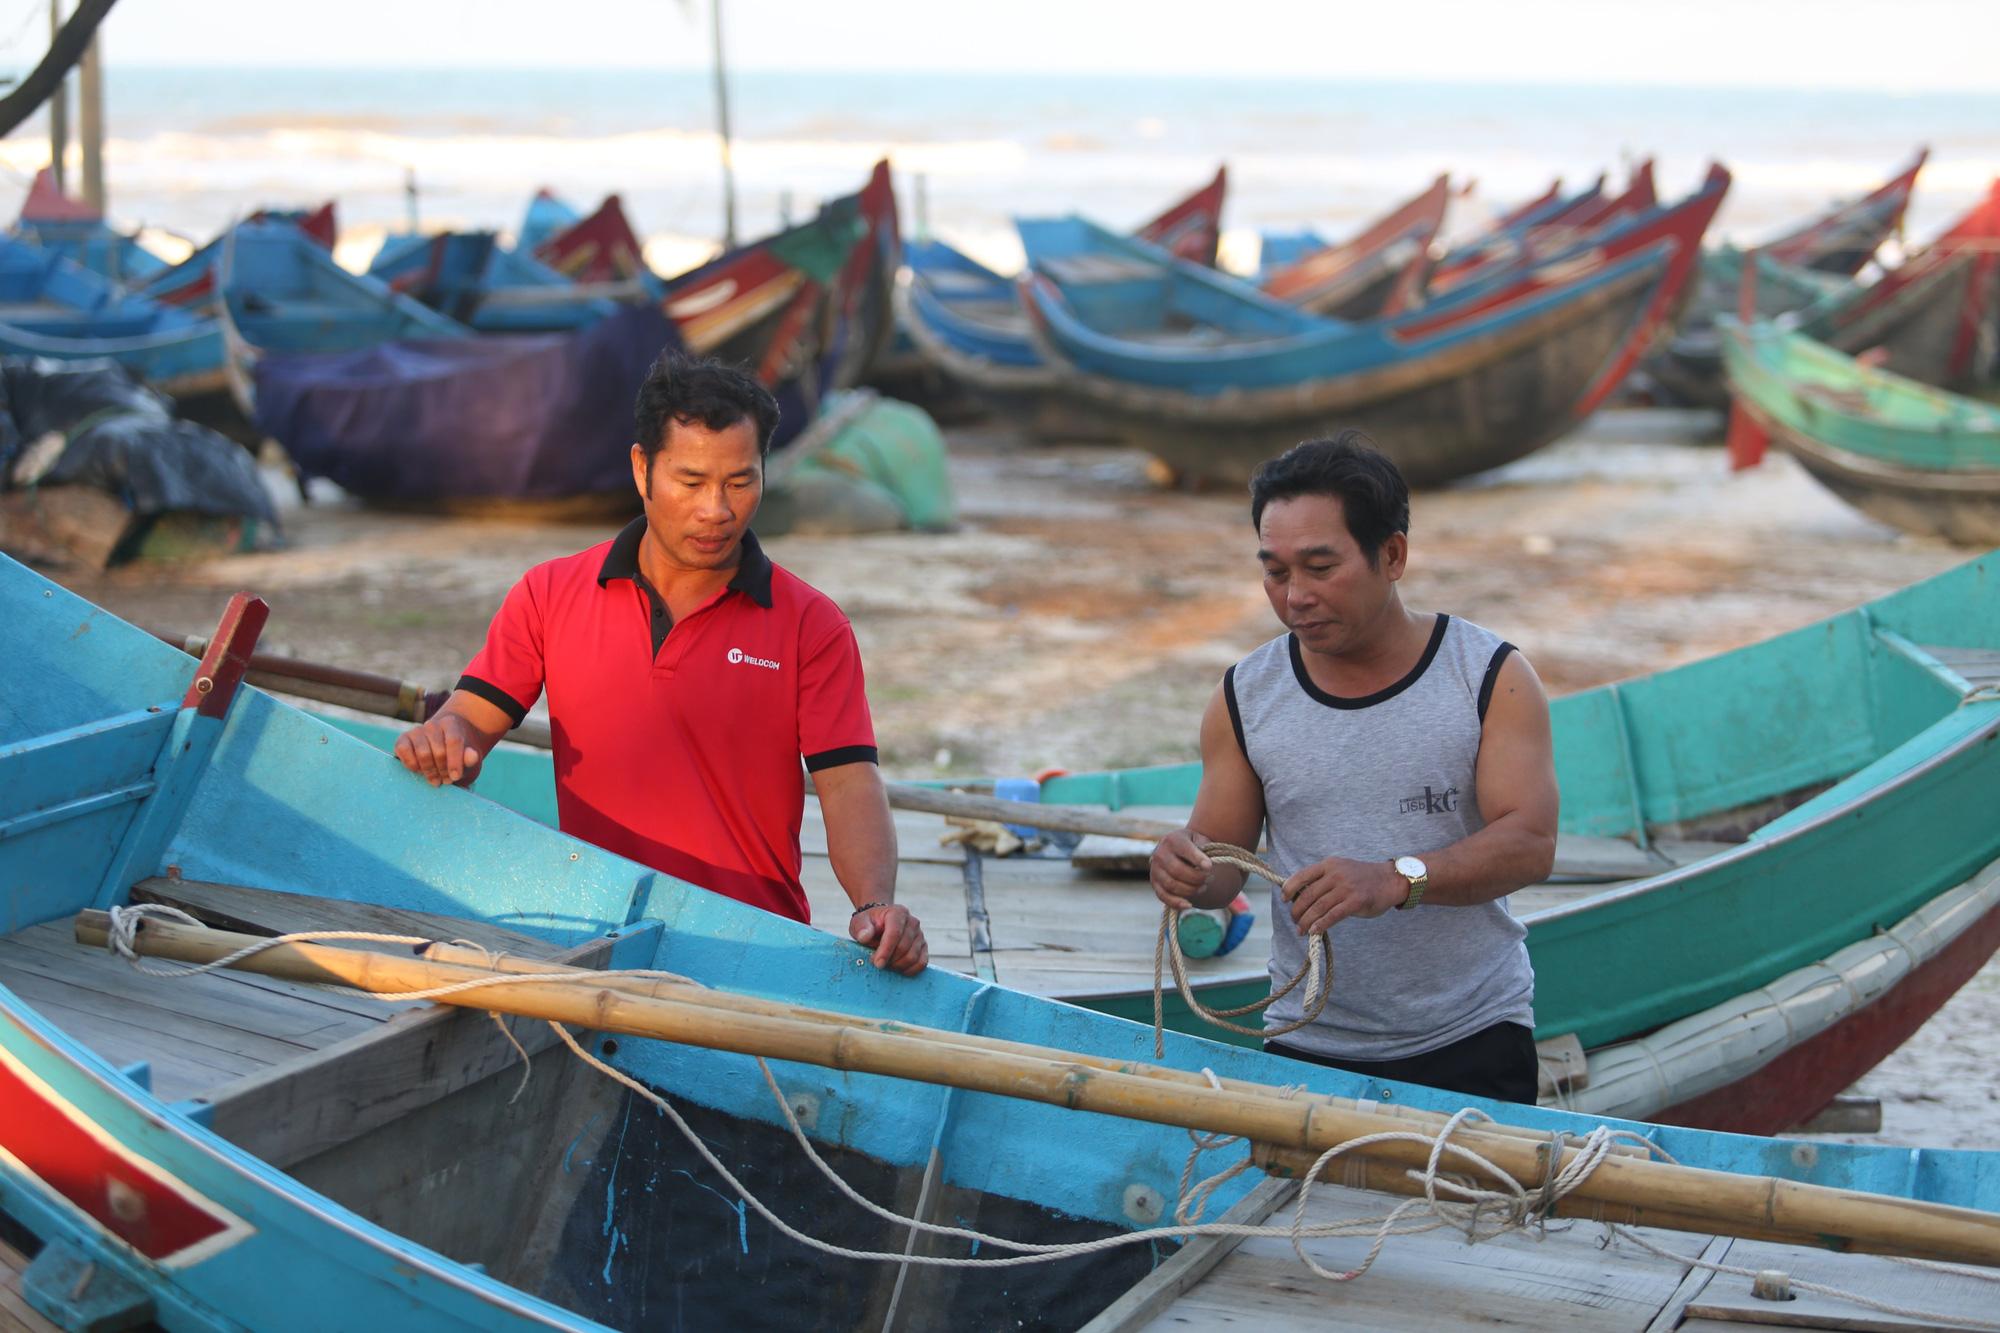 Chuyện lạ chưa từng có trong lũ lịch sử ở Quảng Bình: Thuyền đi biển lên đồng bằng cứu nạn - Ảnh 8.